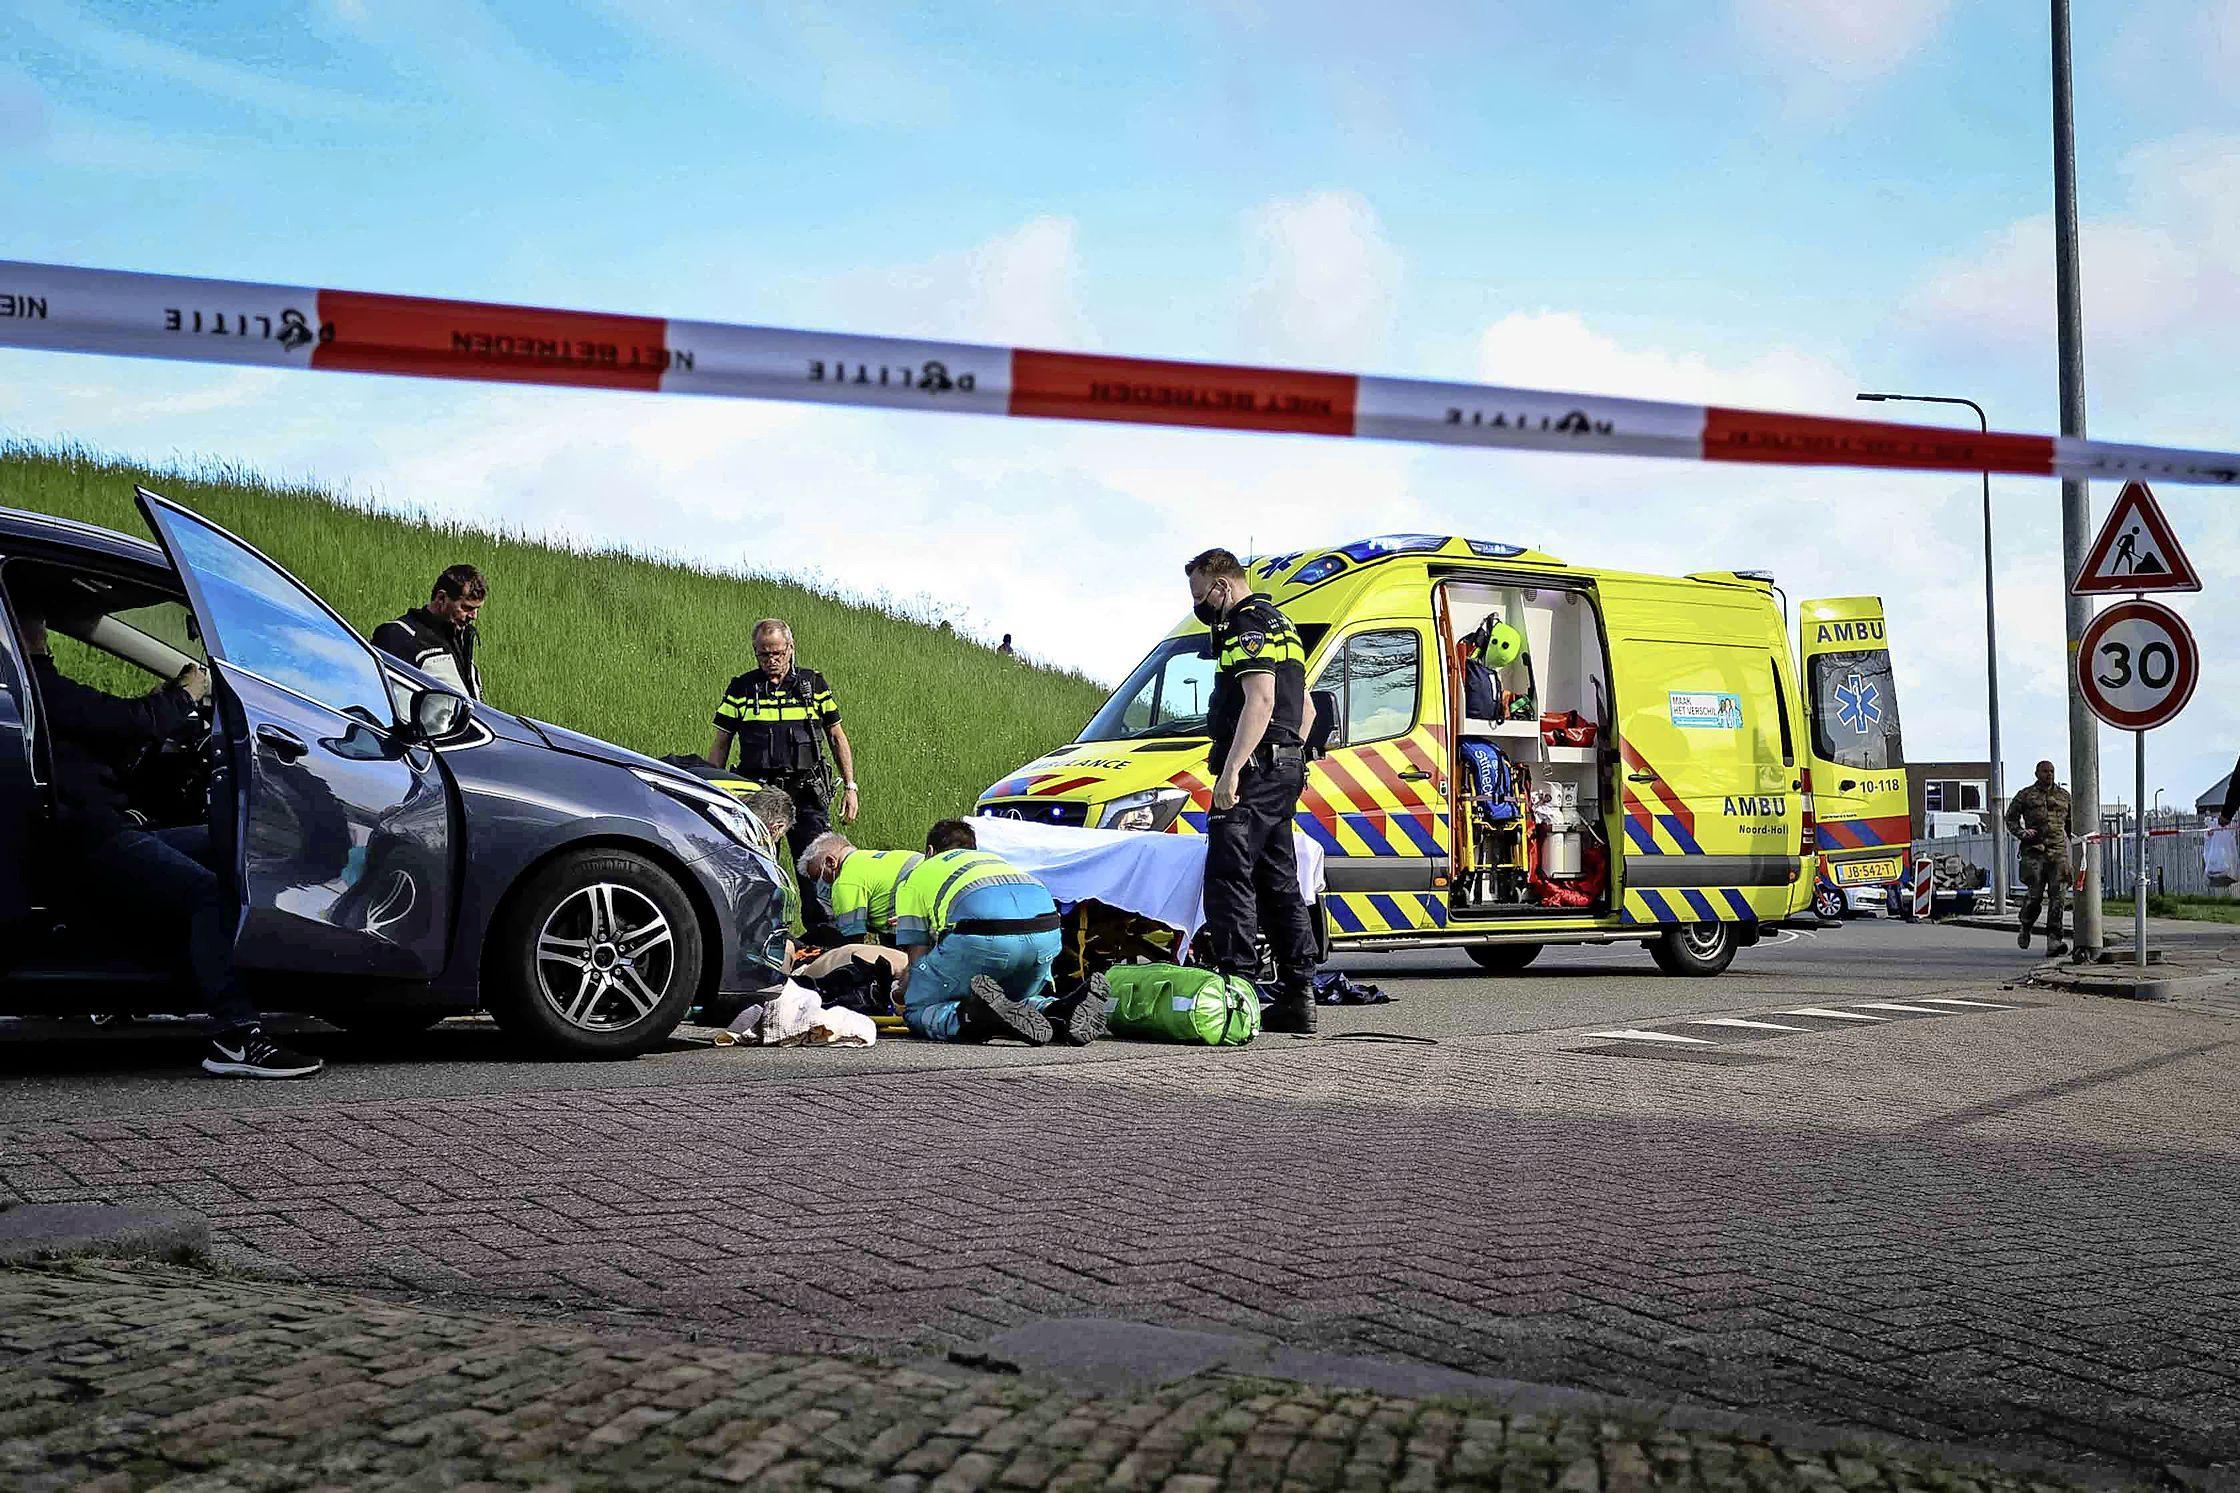 Motorrijder gaat in bocht onderuit en glijdt tegen auto aan in Den Helder, slachtoffer meegenomen naar het ziekenhuis